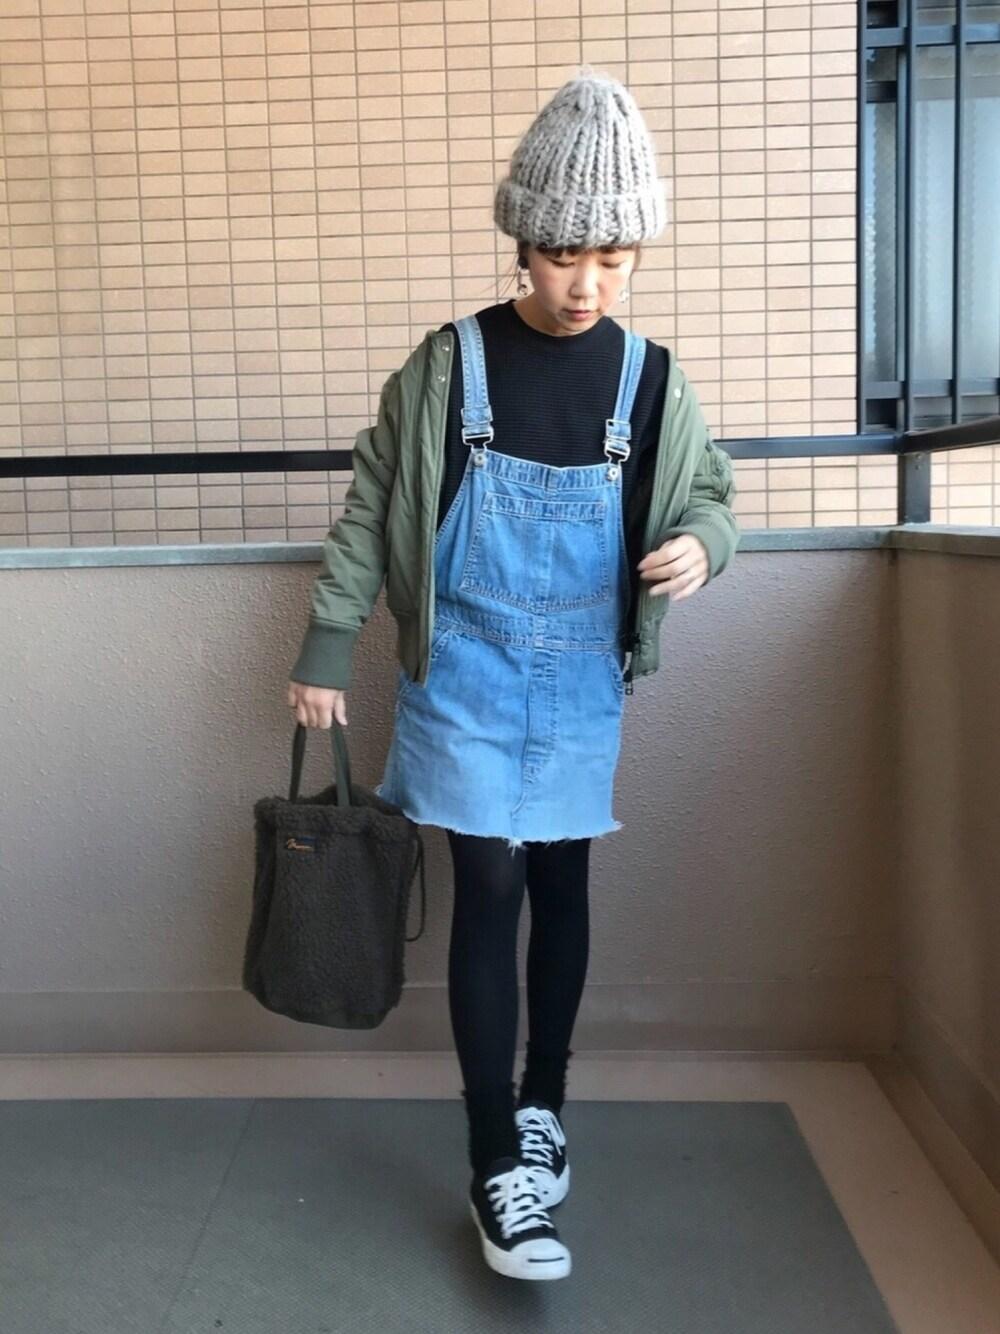 グレーニット帽×デニム